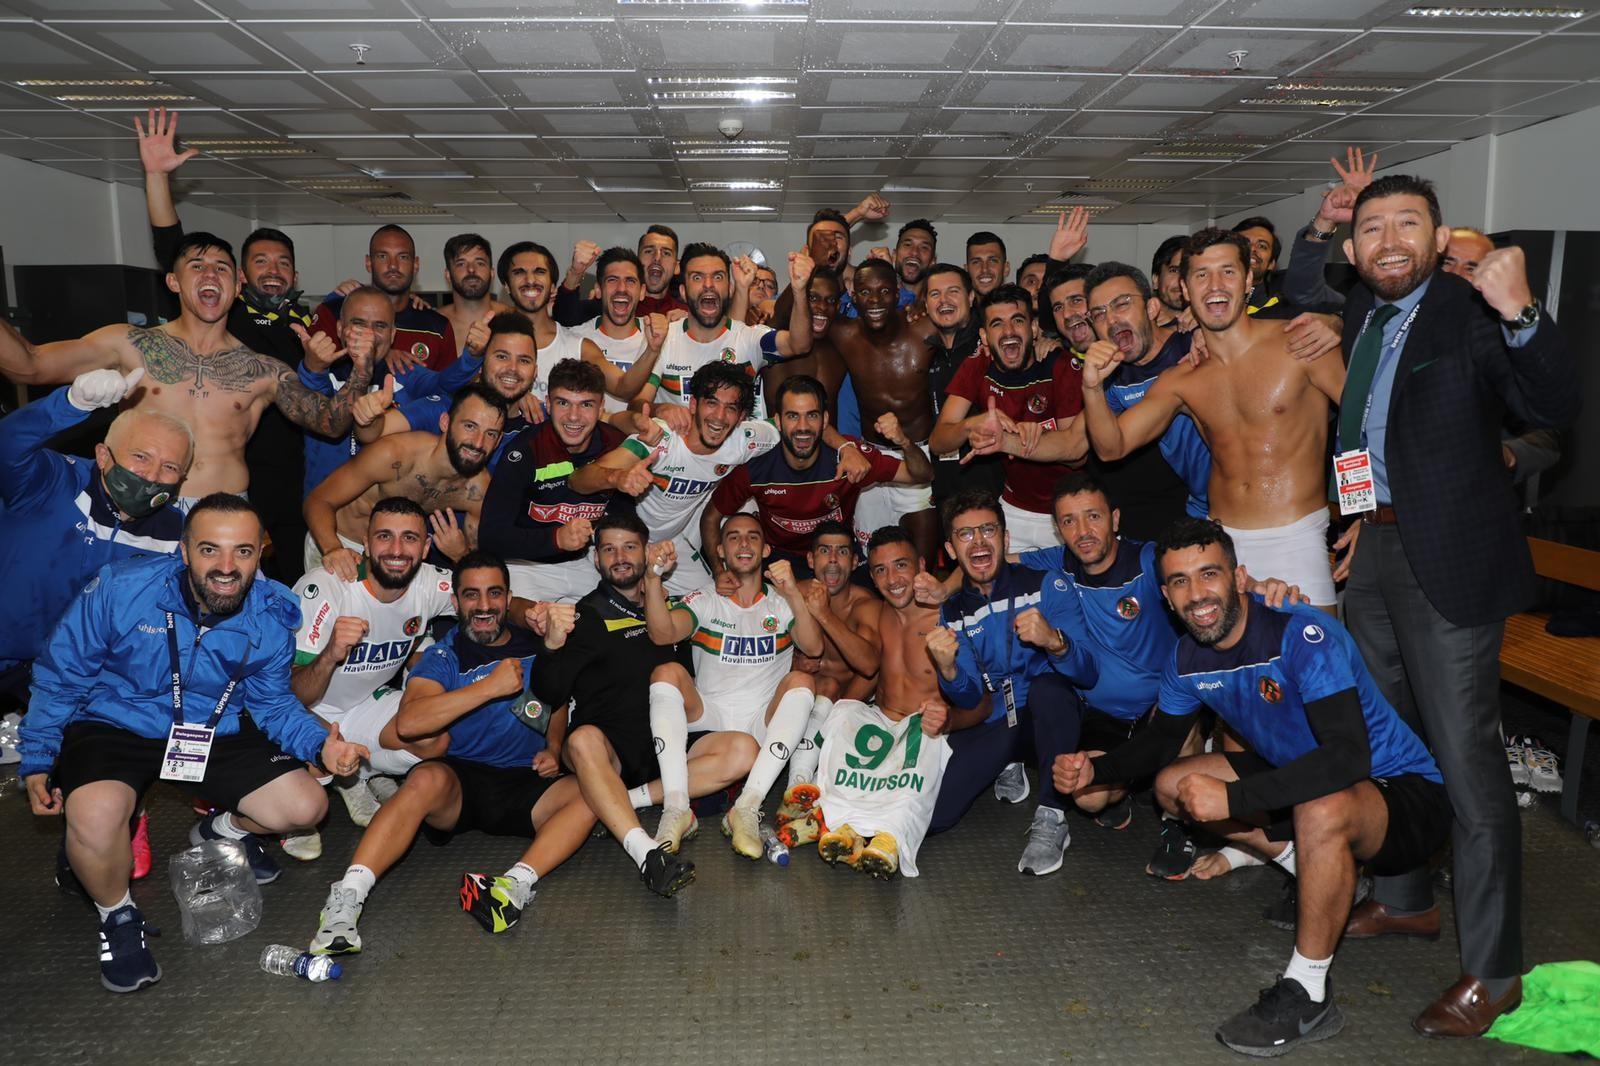 Süper ligin en çok gol atan takımı Alanyaspor